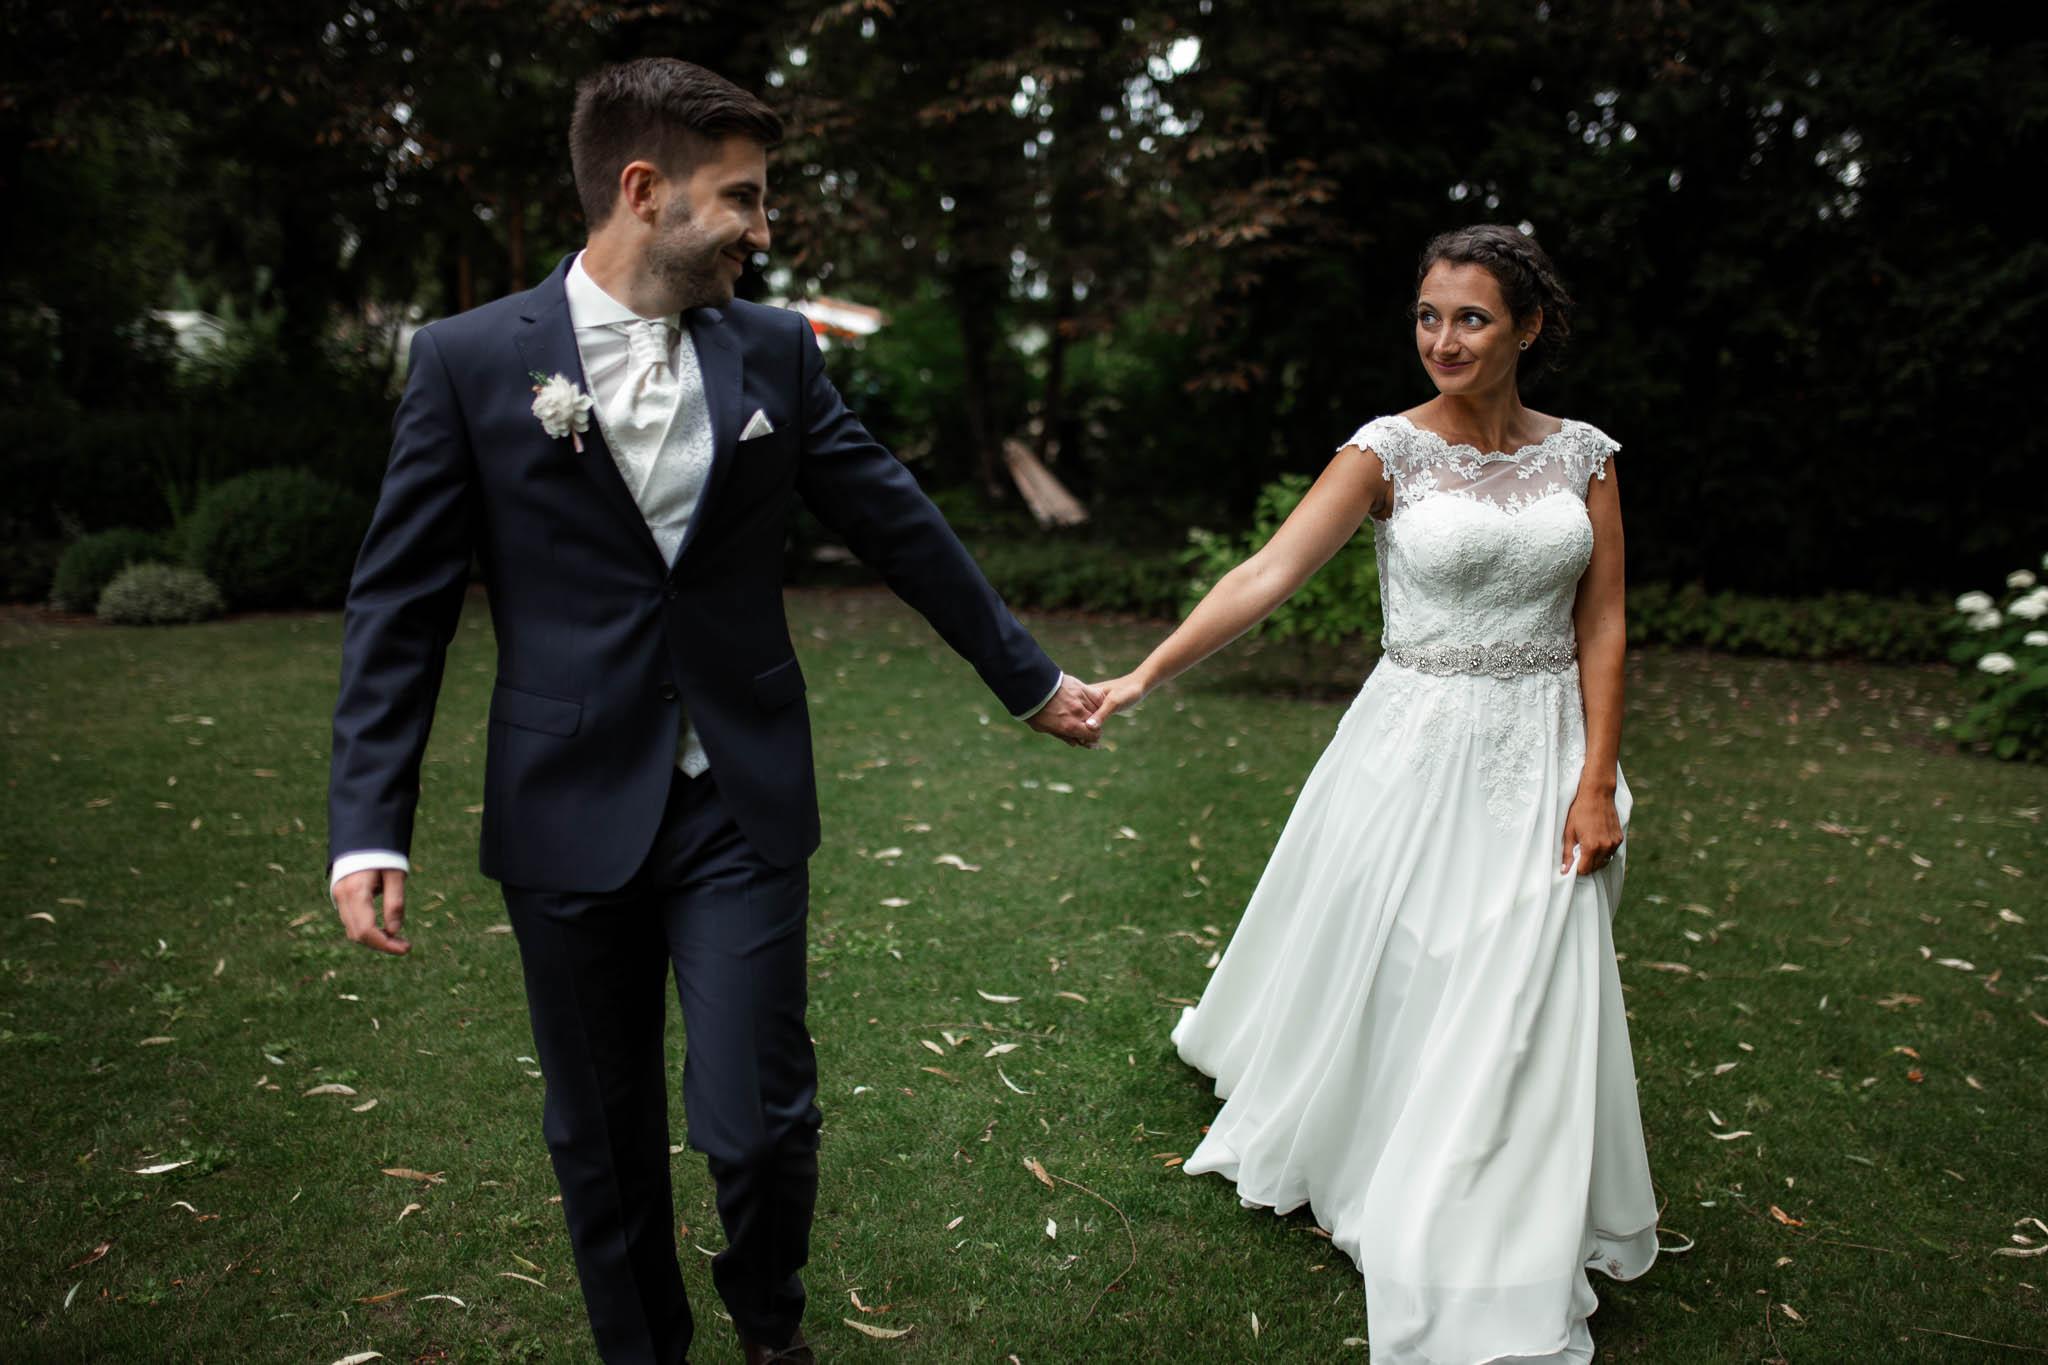 Hochzeitsfotograf Monzernheim: freie Trauung von Sarah & Patrick 51